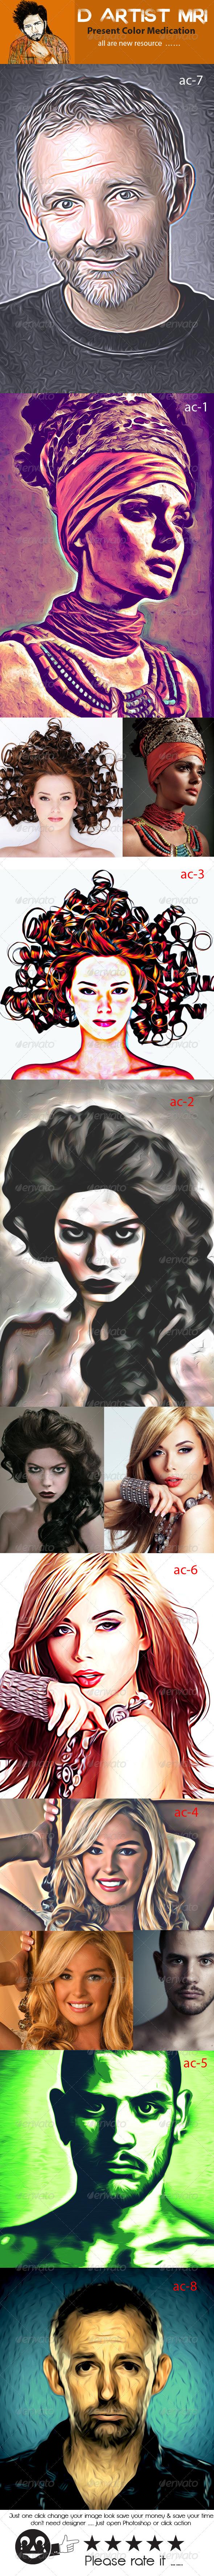 GraphicRiver Creative Oil Art New 8117105